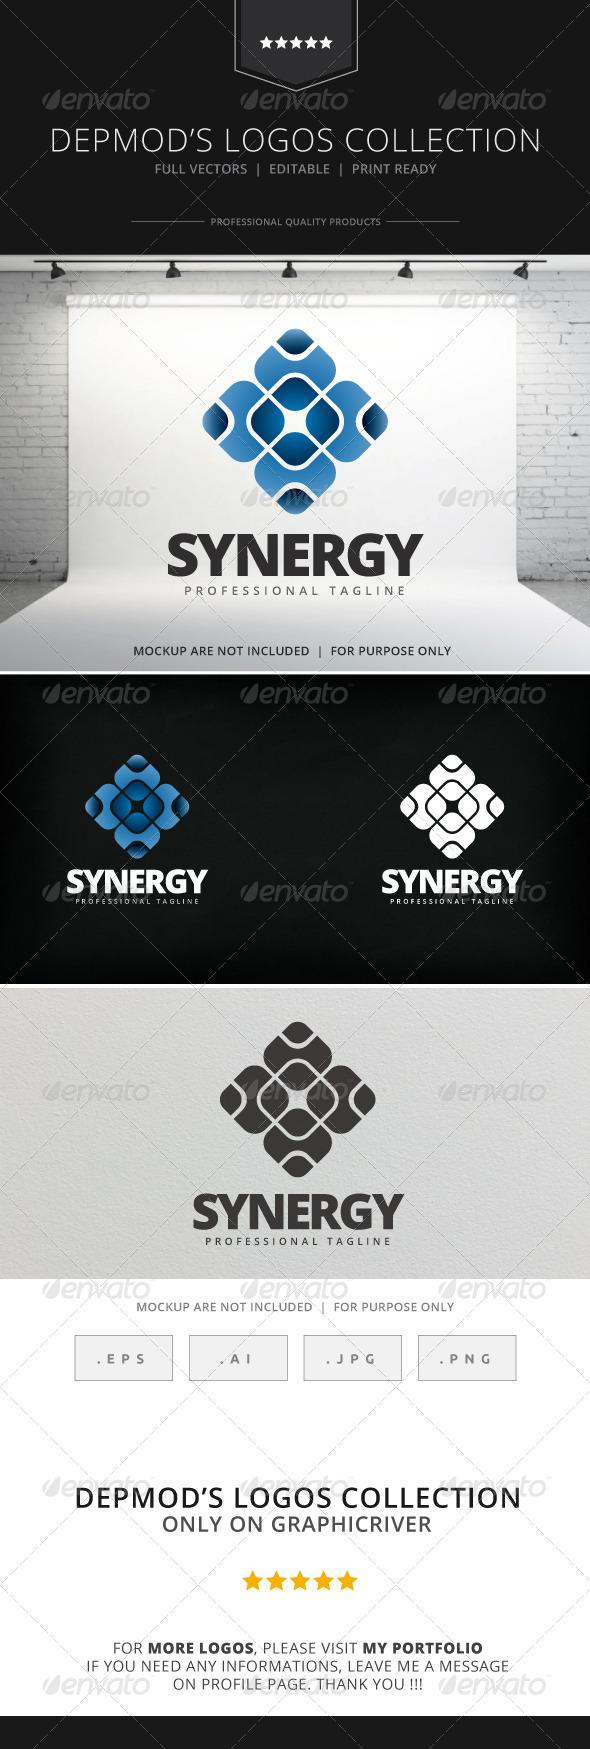 GraphicRiver Synergy Logo 7964465